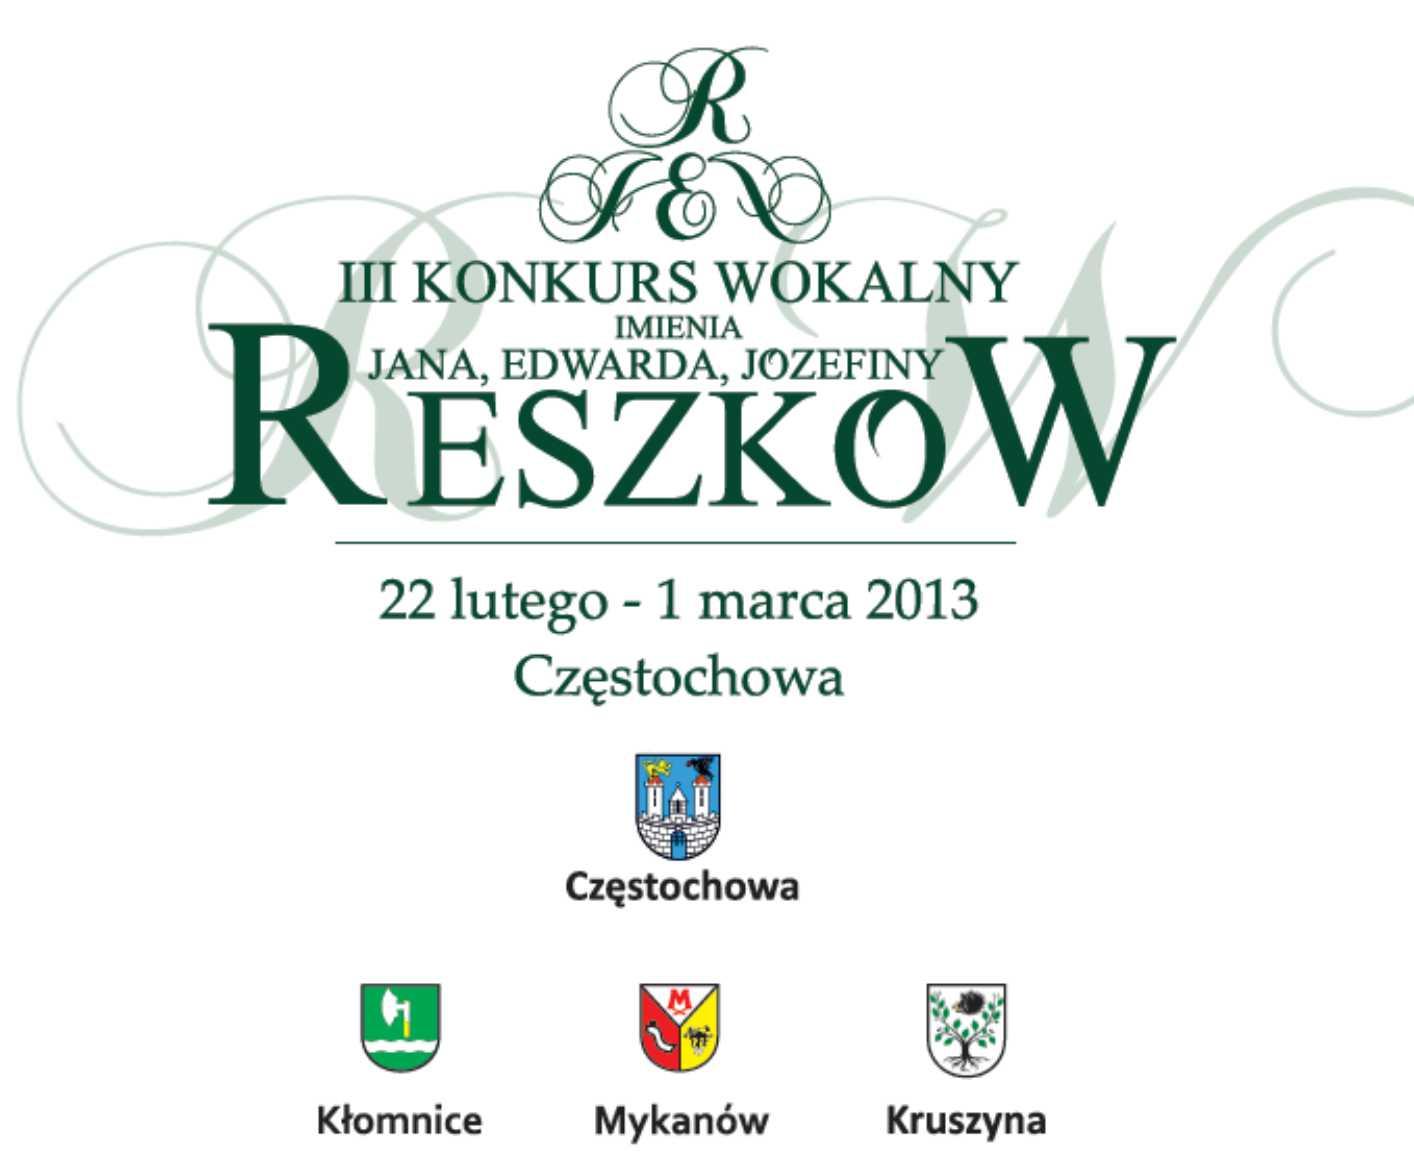 III Konkurs Reszkow